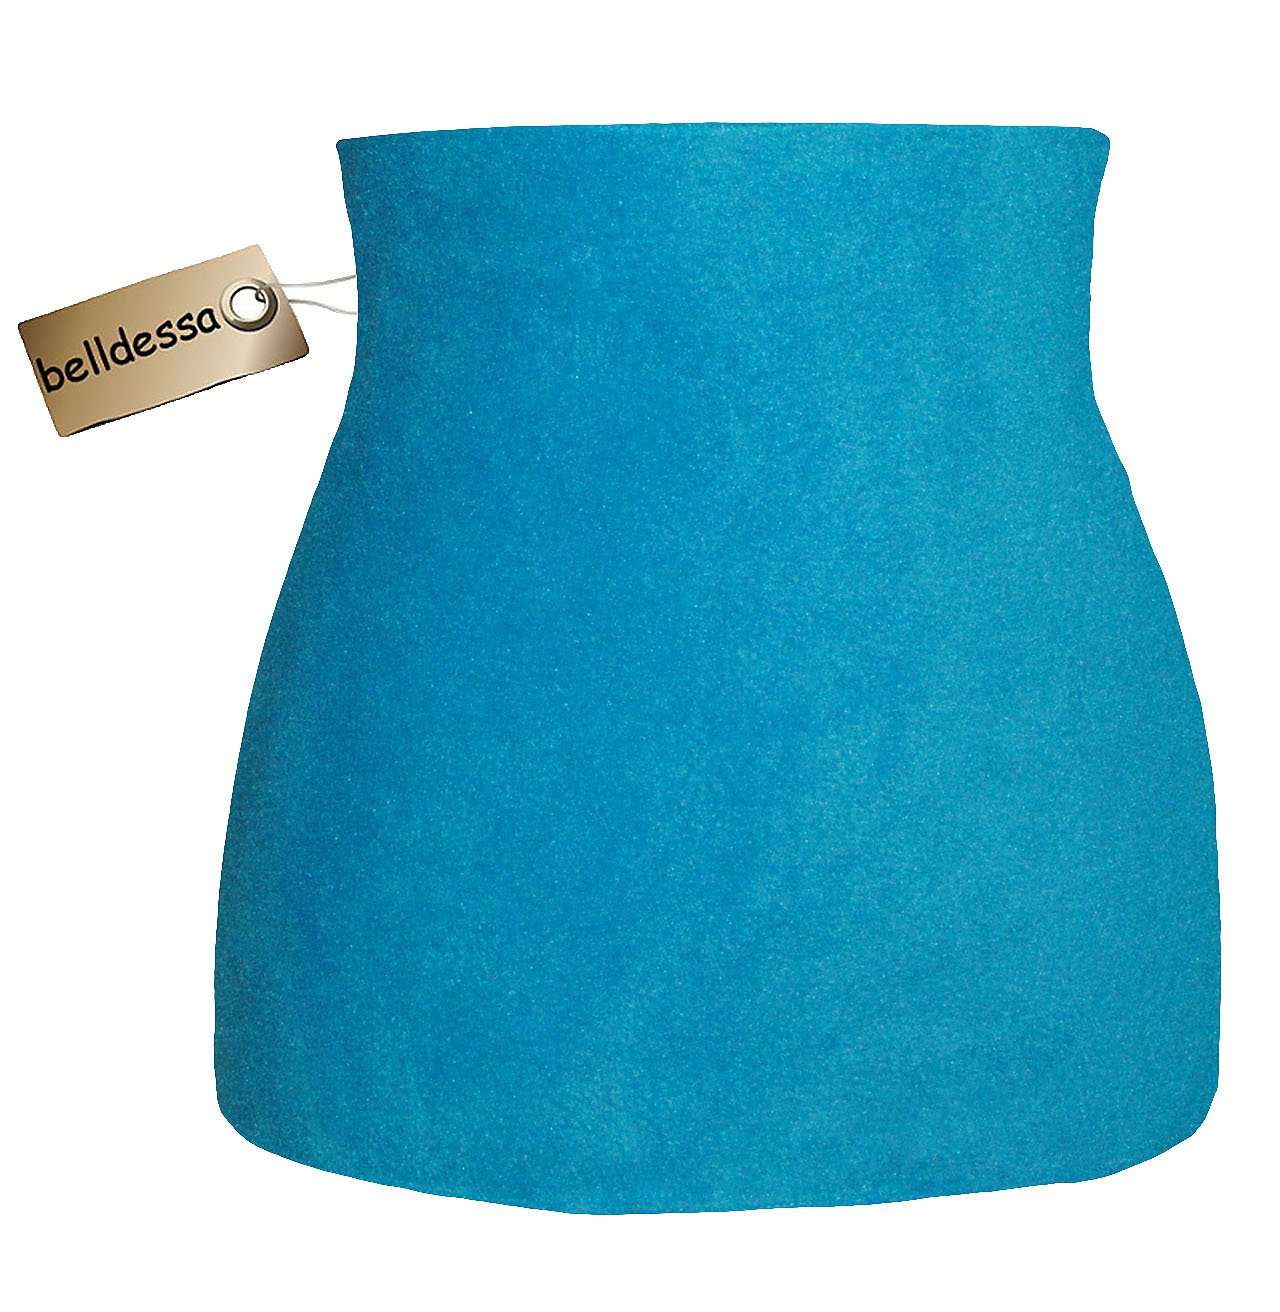 Fleece – Polarfleece – türkis / azur blau – Nierenwärmer / Rückenwärmer / Bauchwärmer / Shirt Verlängerer – Größe: Damen Frauen S – ideal auch für Blasenentzündung und Hexenschuss / Rückenschmerzen / Menstruationsbeschwerden jetzt kaufen